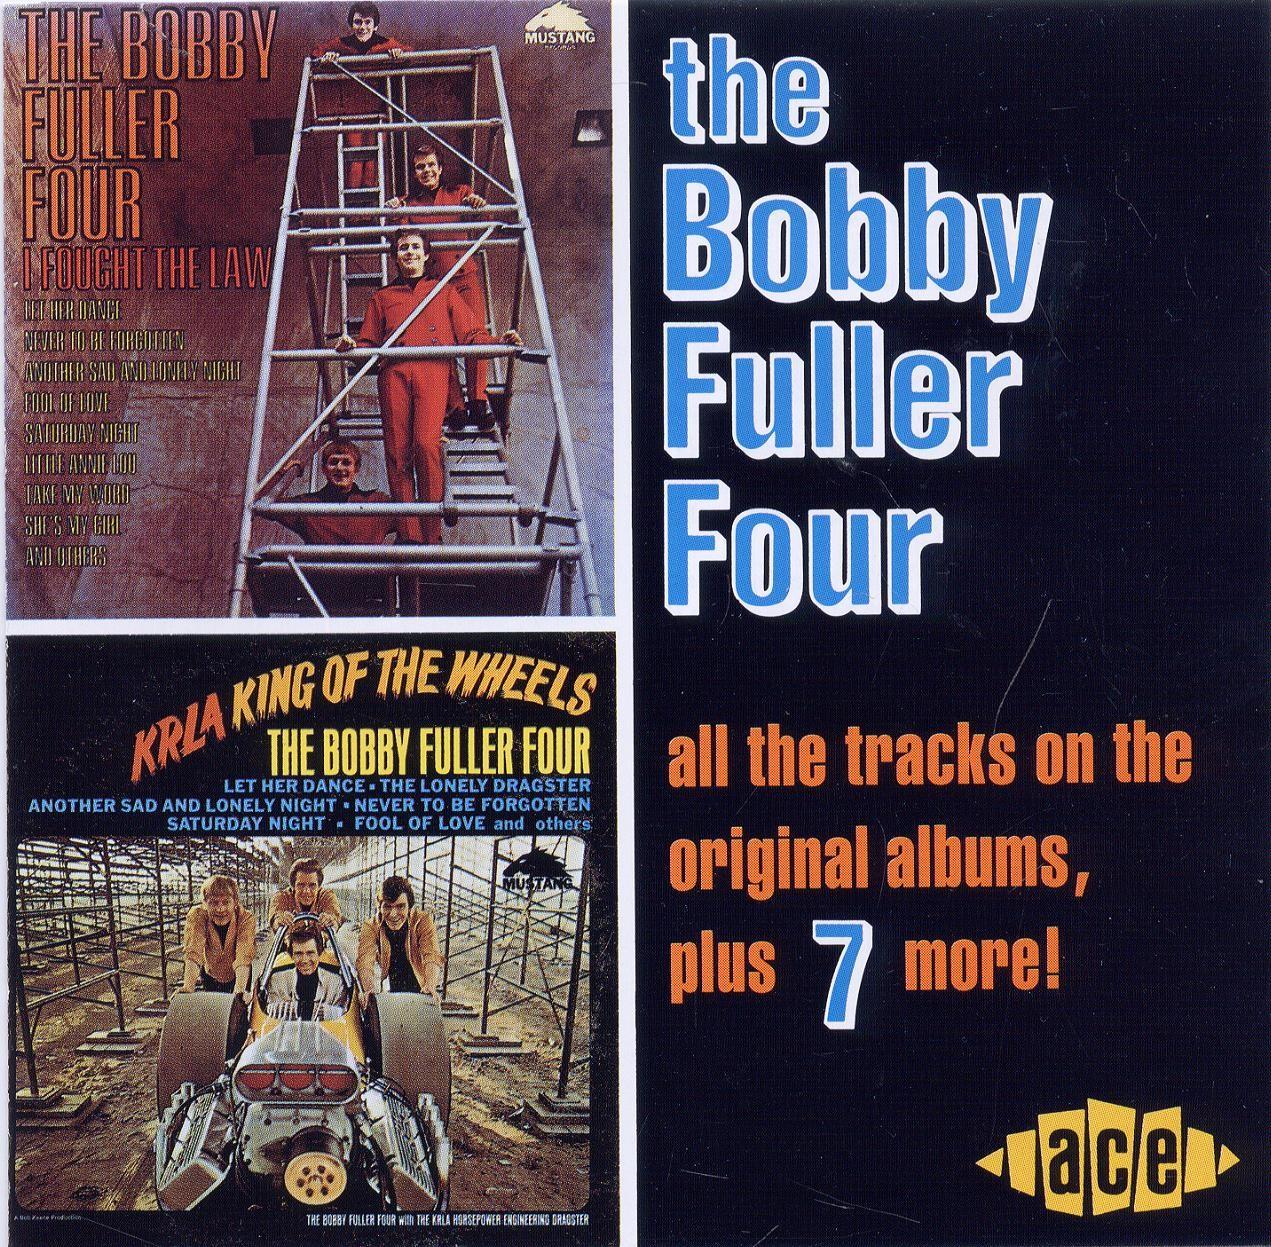 http://3.bp.blogspot.com/-lsiScD8SfrU/TmzsHvqFFmI/AAAAAAAAB7U/rYqjuR1d_o8/s1600/bobby_fuller_four_the_bobby_fuller_four_1993_retail_cd-front.jpg